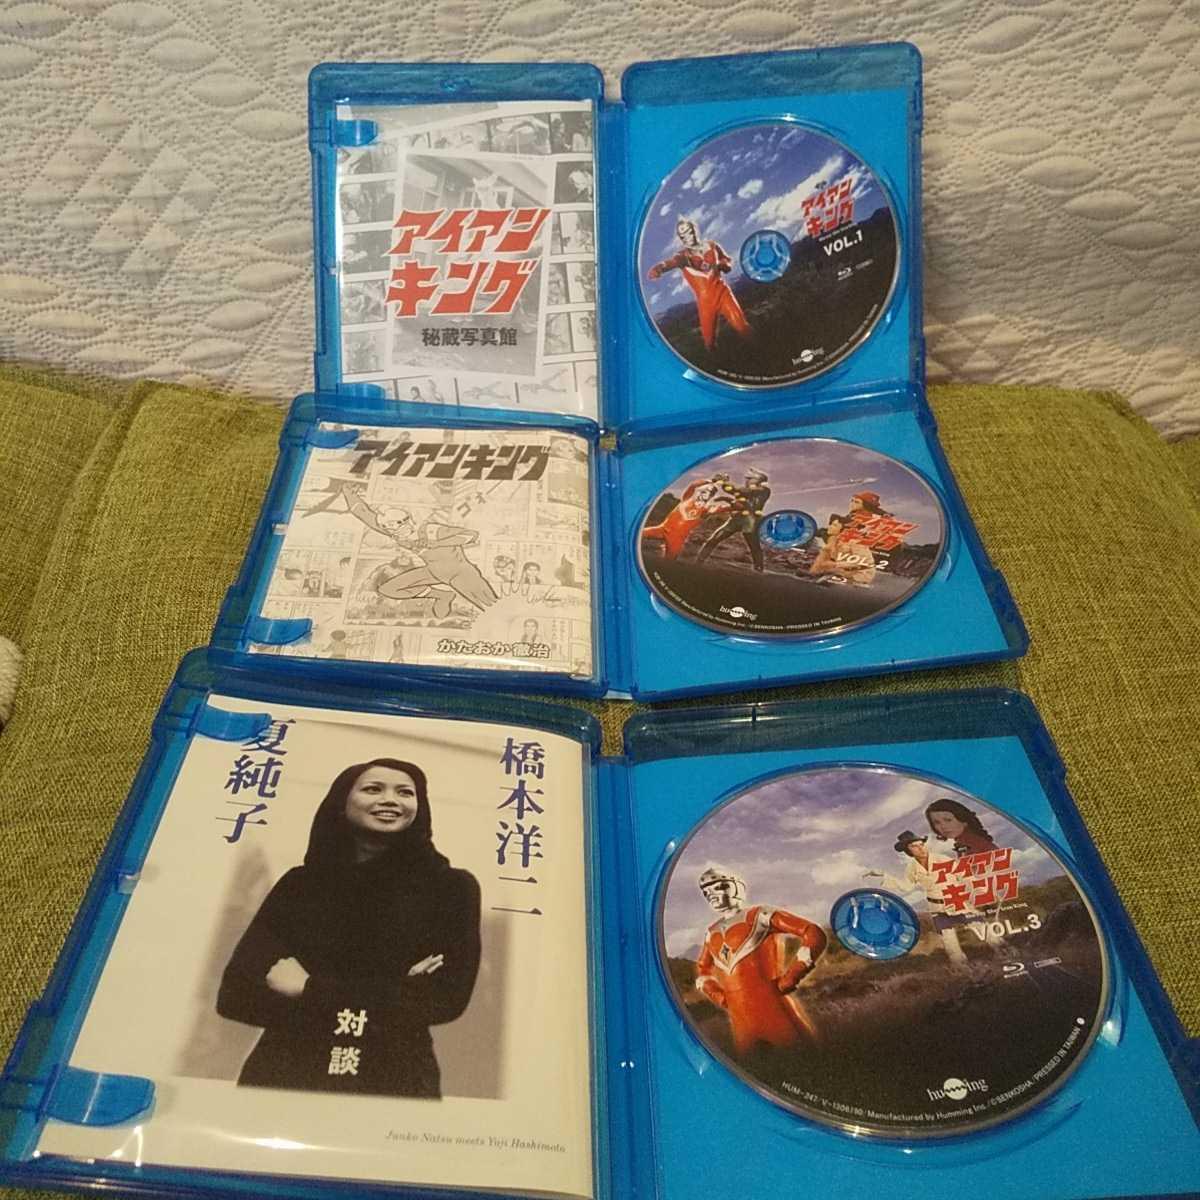 Blu-ray アイアンキング 全話収録全6巻+CD付 各巻付録付【全編視聴確認済】【送料無料】